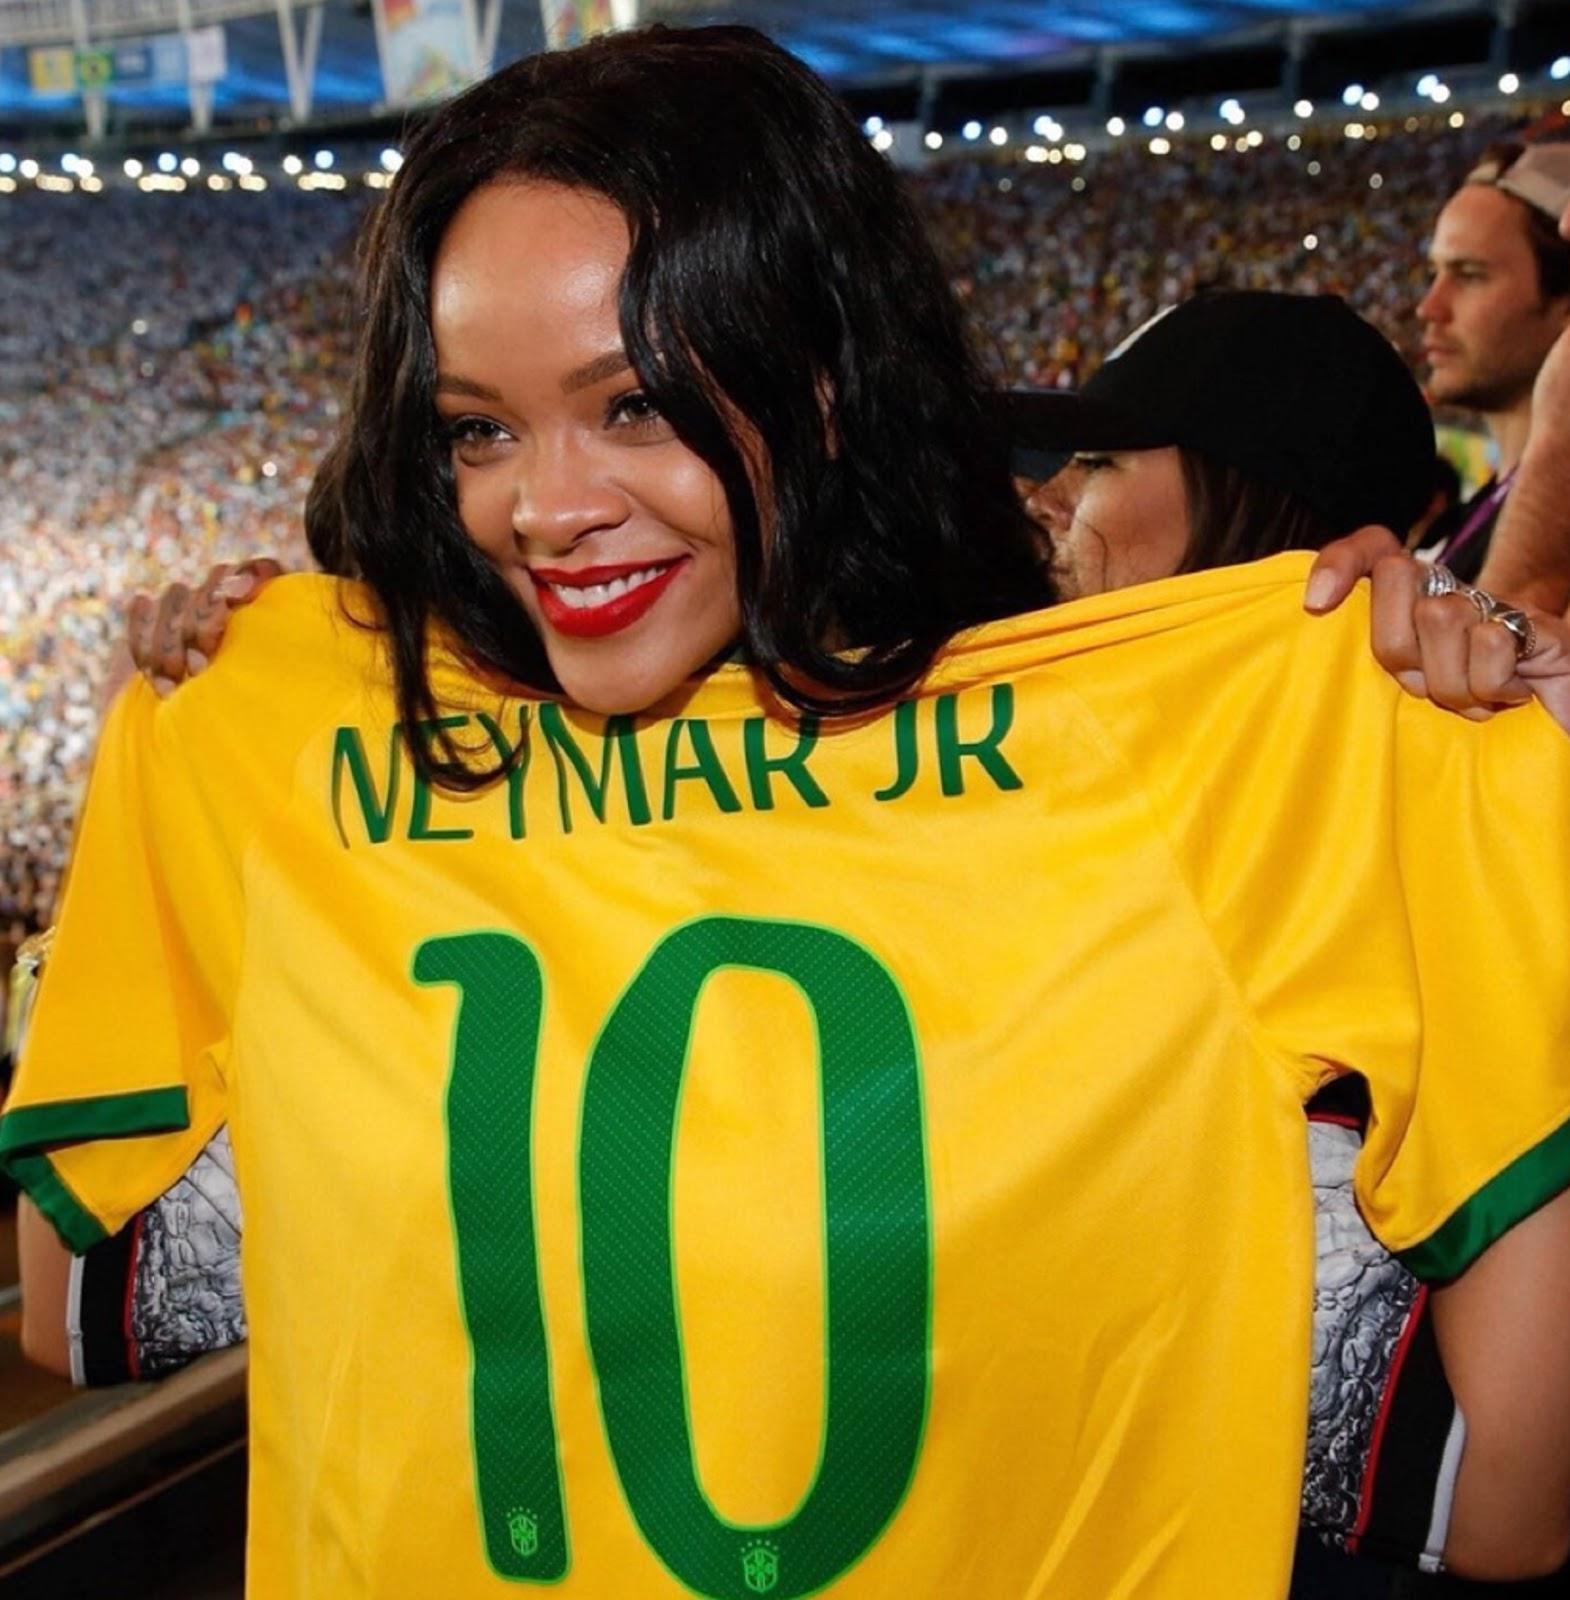 NEYMAR, BRAZIL 2